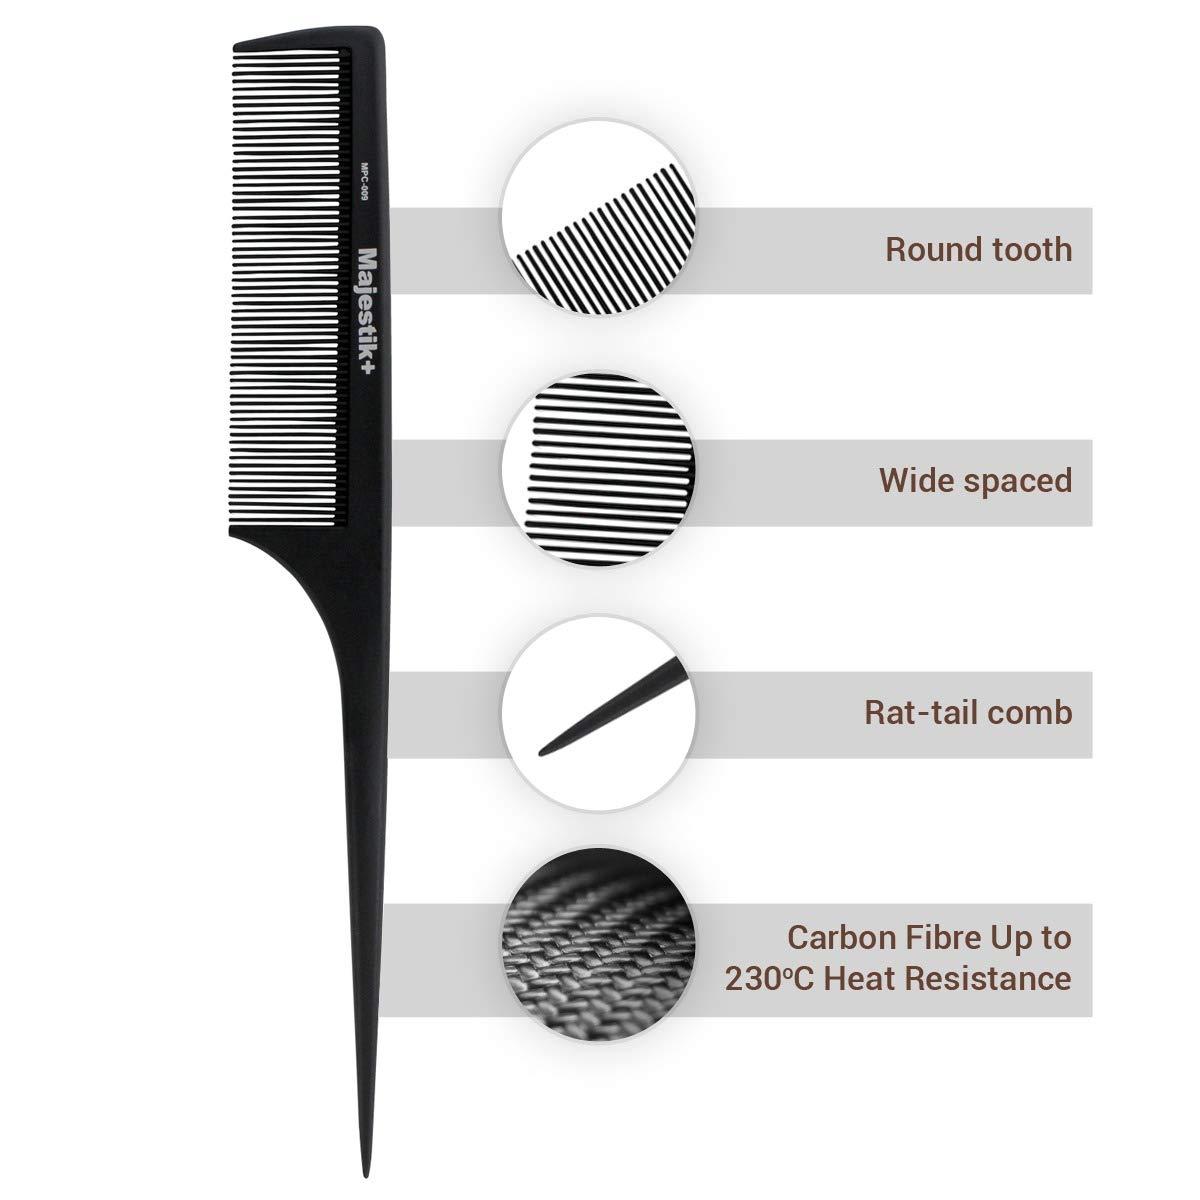 k + Premium pettine in acciaio al carbonio, per maggiore resistenza e durata (Nero) JLS Personal Care Ltd. MPC